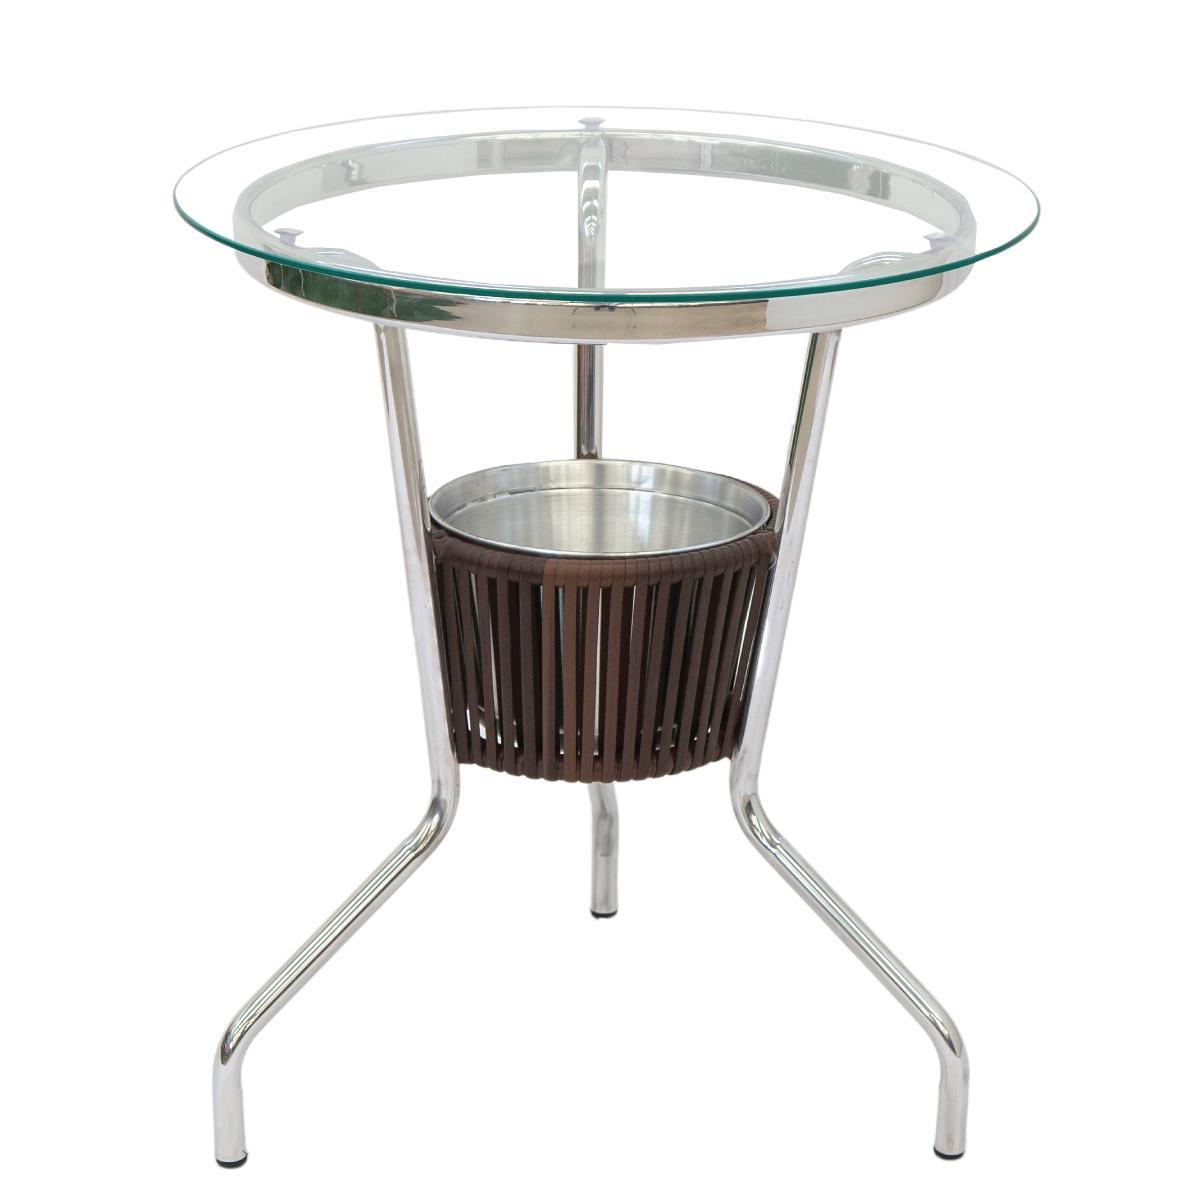 Mesa de Alumínio com Tampo em Vidro e Cooler - MBR100.C